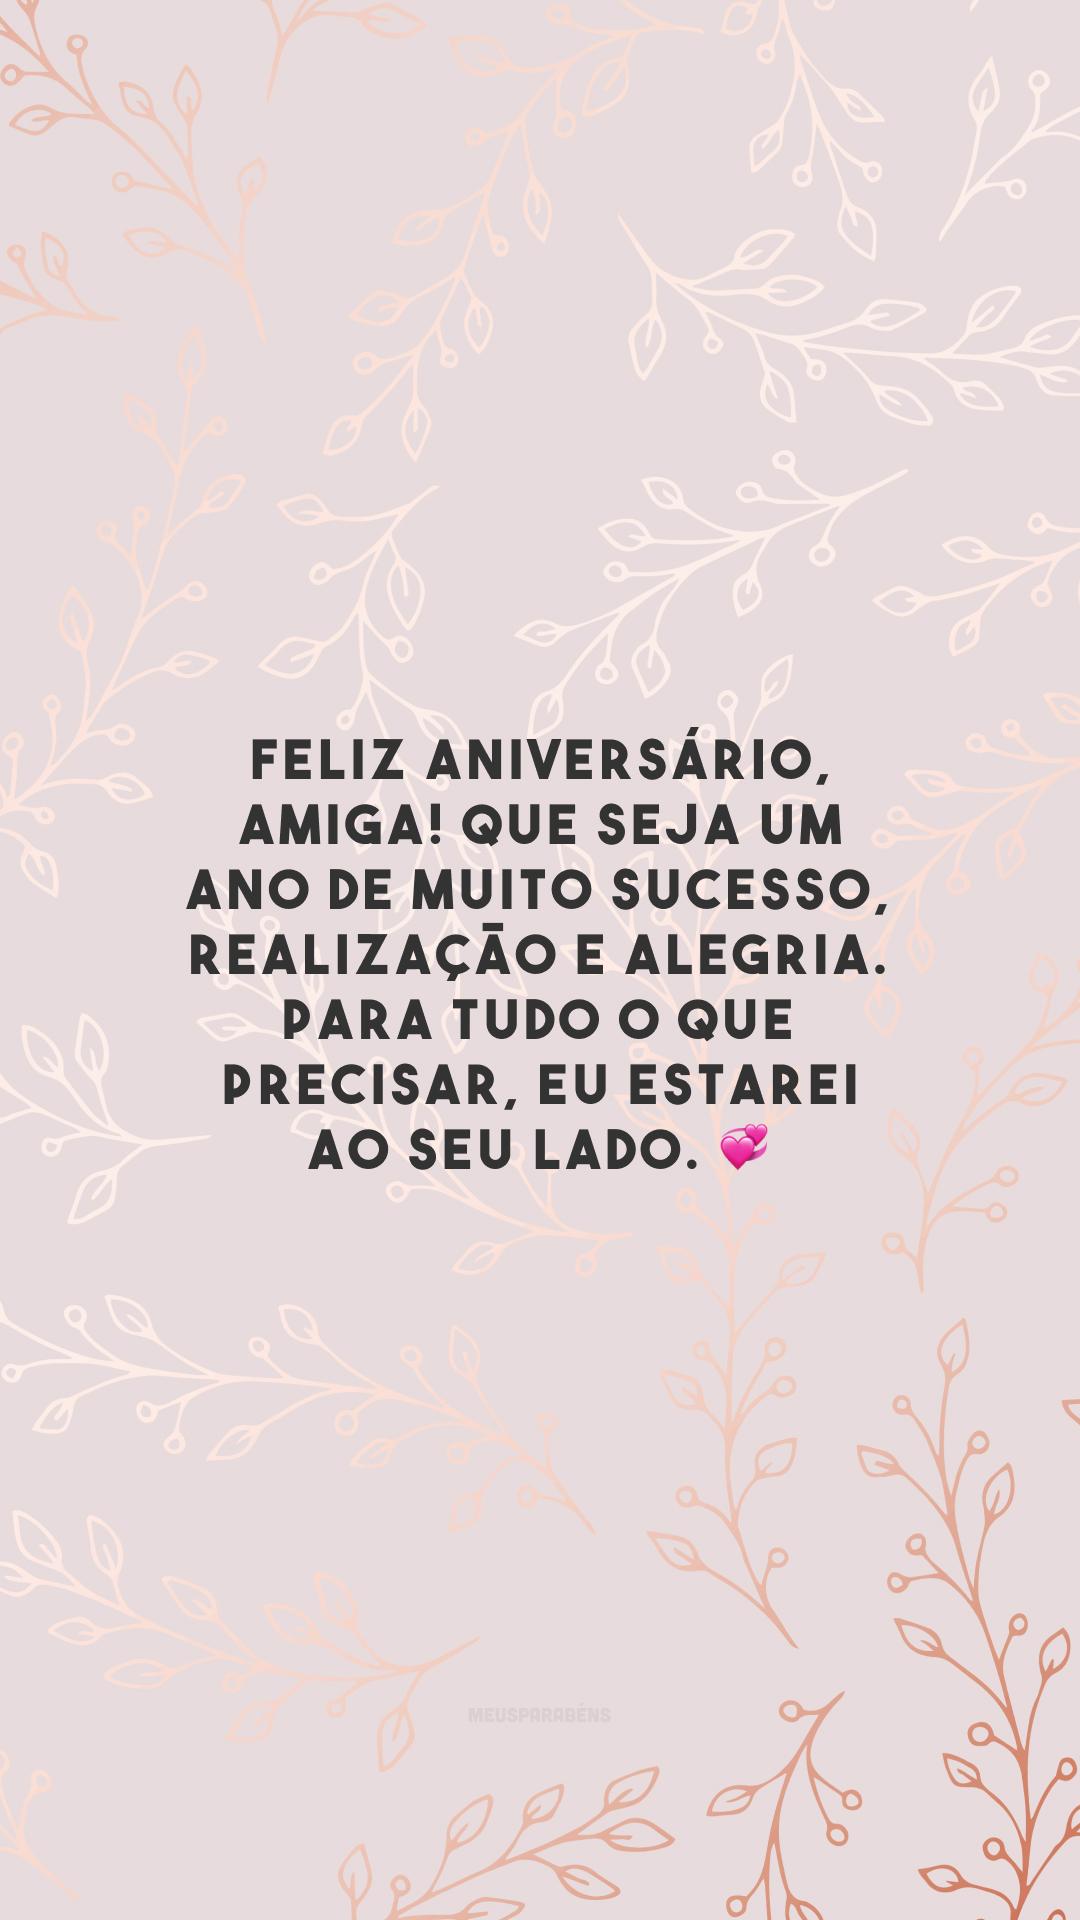 Feliz aniversário, amiga! Que seja um ano de muito sucesso, realização e alegria. Para tudo o que precisar, eu estarei ao seu lado. 💞